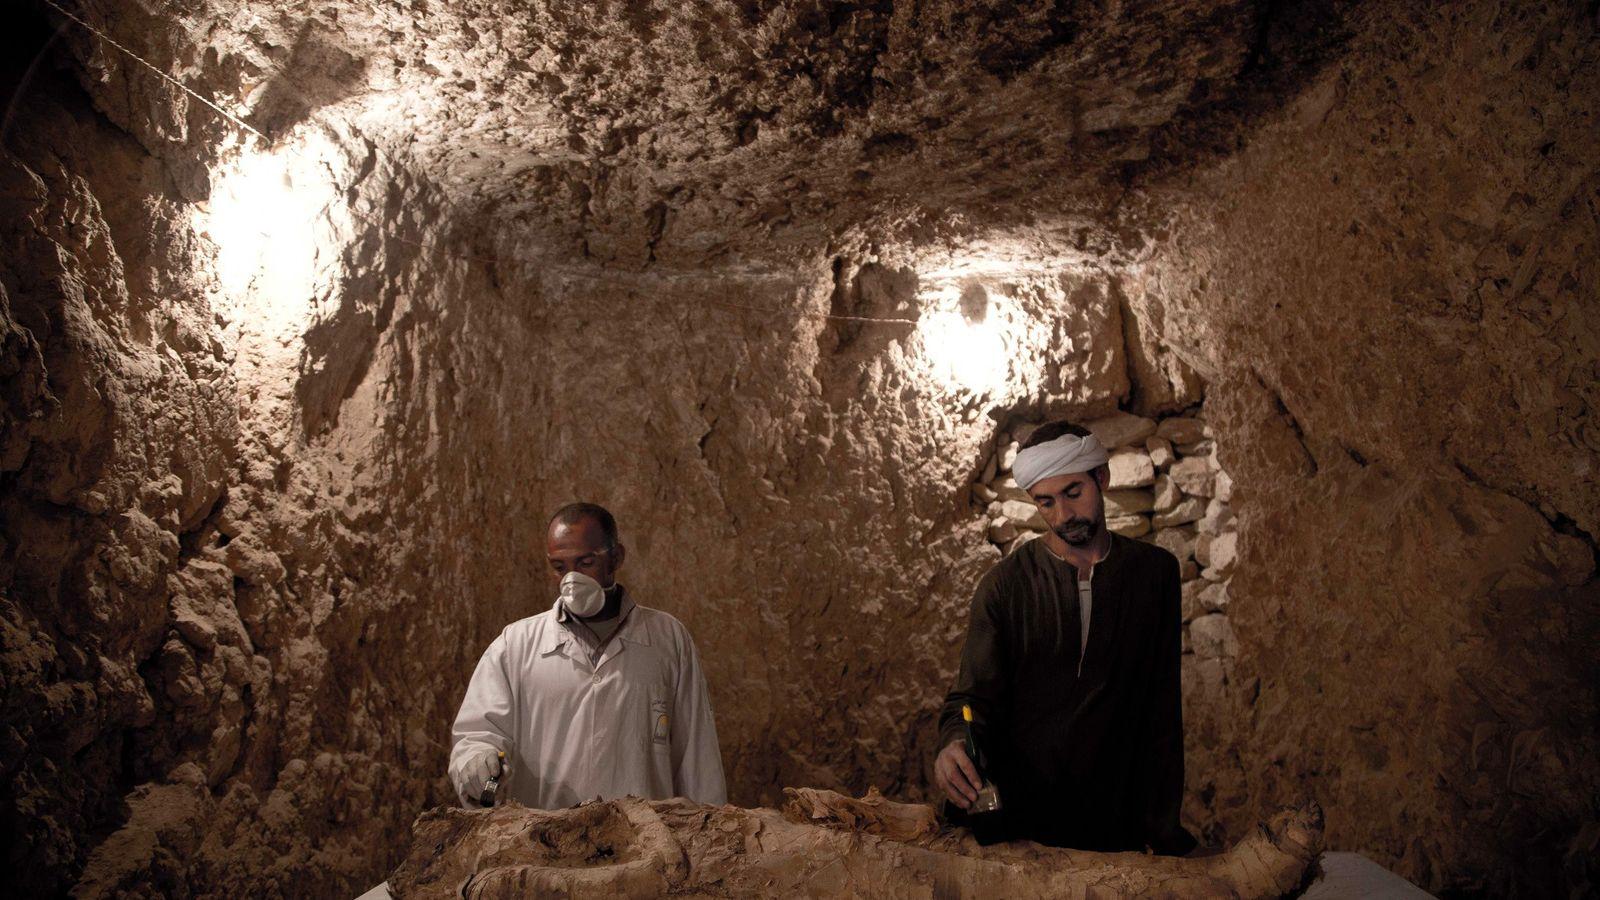 Arbeiter kümmern sich um eine Mumie in einem 3.500 Jahre alten Grab in Ägypten.